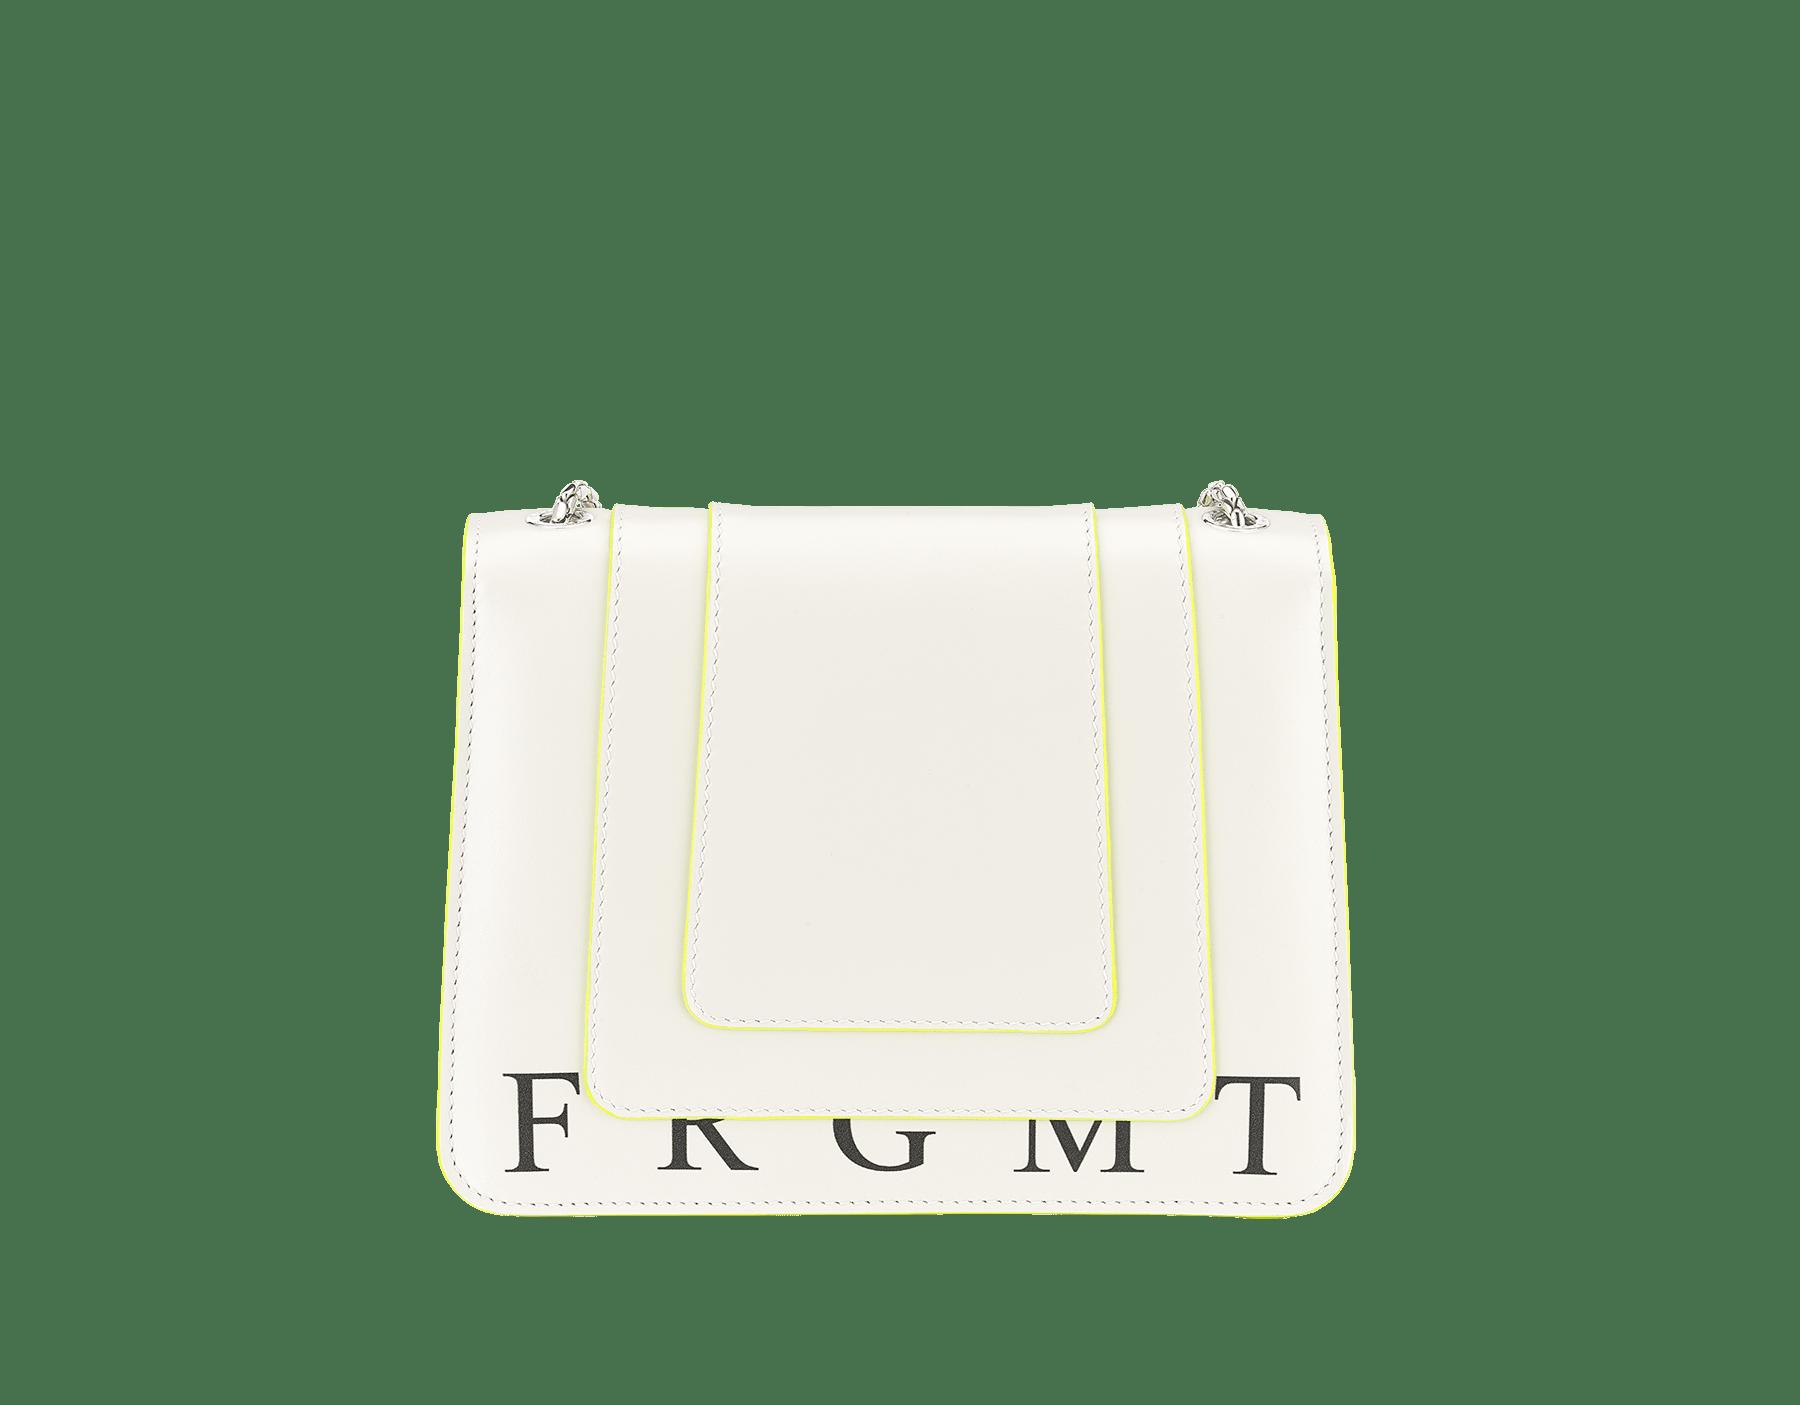 ホワイトアゲートと蛍光イエローのカーフレザー製「ブルガリxフラグメント バイ ヒロシ・フジワラ」セルペンティ フォーエバー クロスボディ バッグ。BVLGARI FRGMTのブラックプリント。FRAGMENTの稲妻デザインを加えた、シャイニーなパラジウム プレート ブラス製のアイコニックなスネークヘッドクロージャー。ブラックと蛍光イエローのエナメルにブラックオニキスの目。 289525 image 3